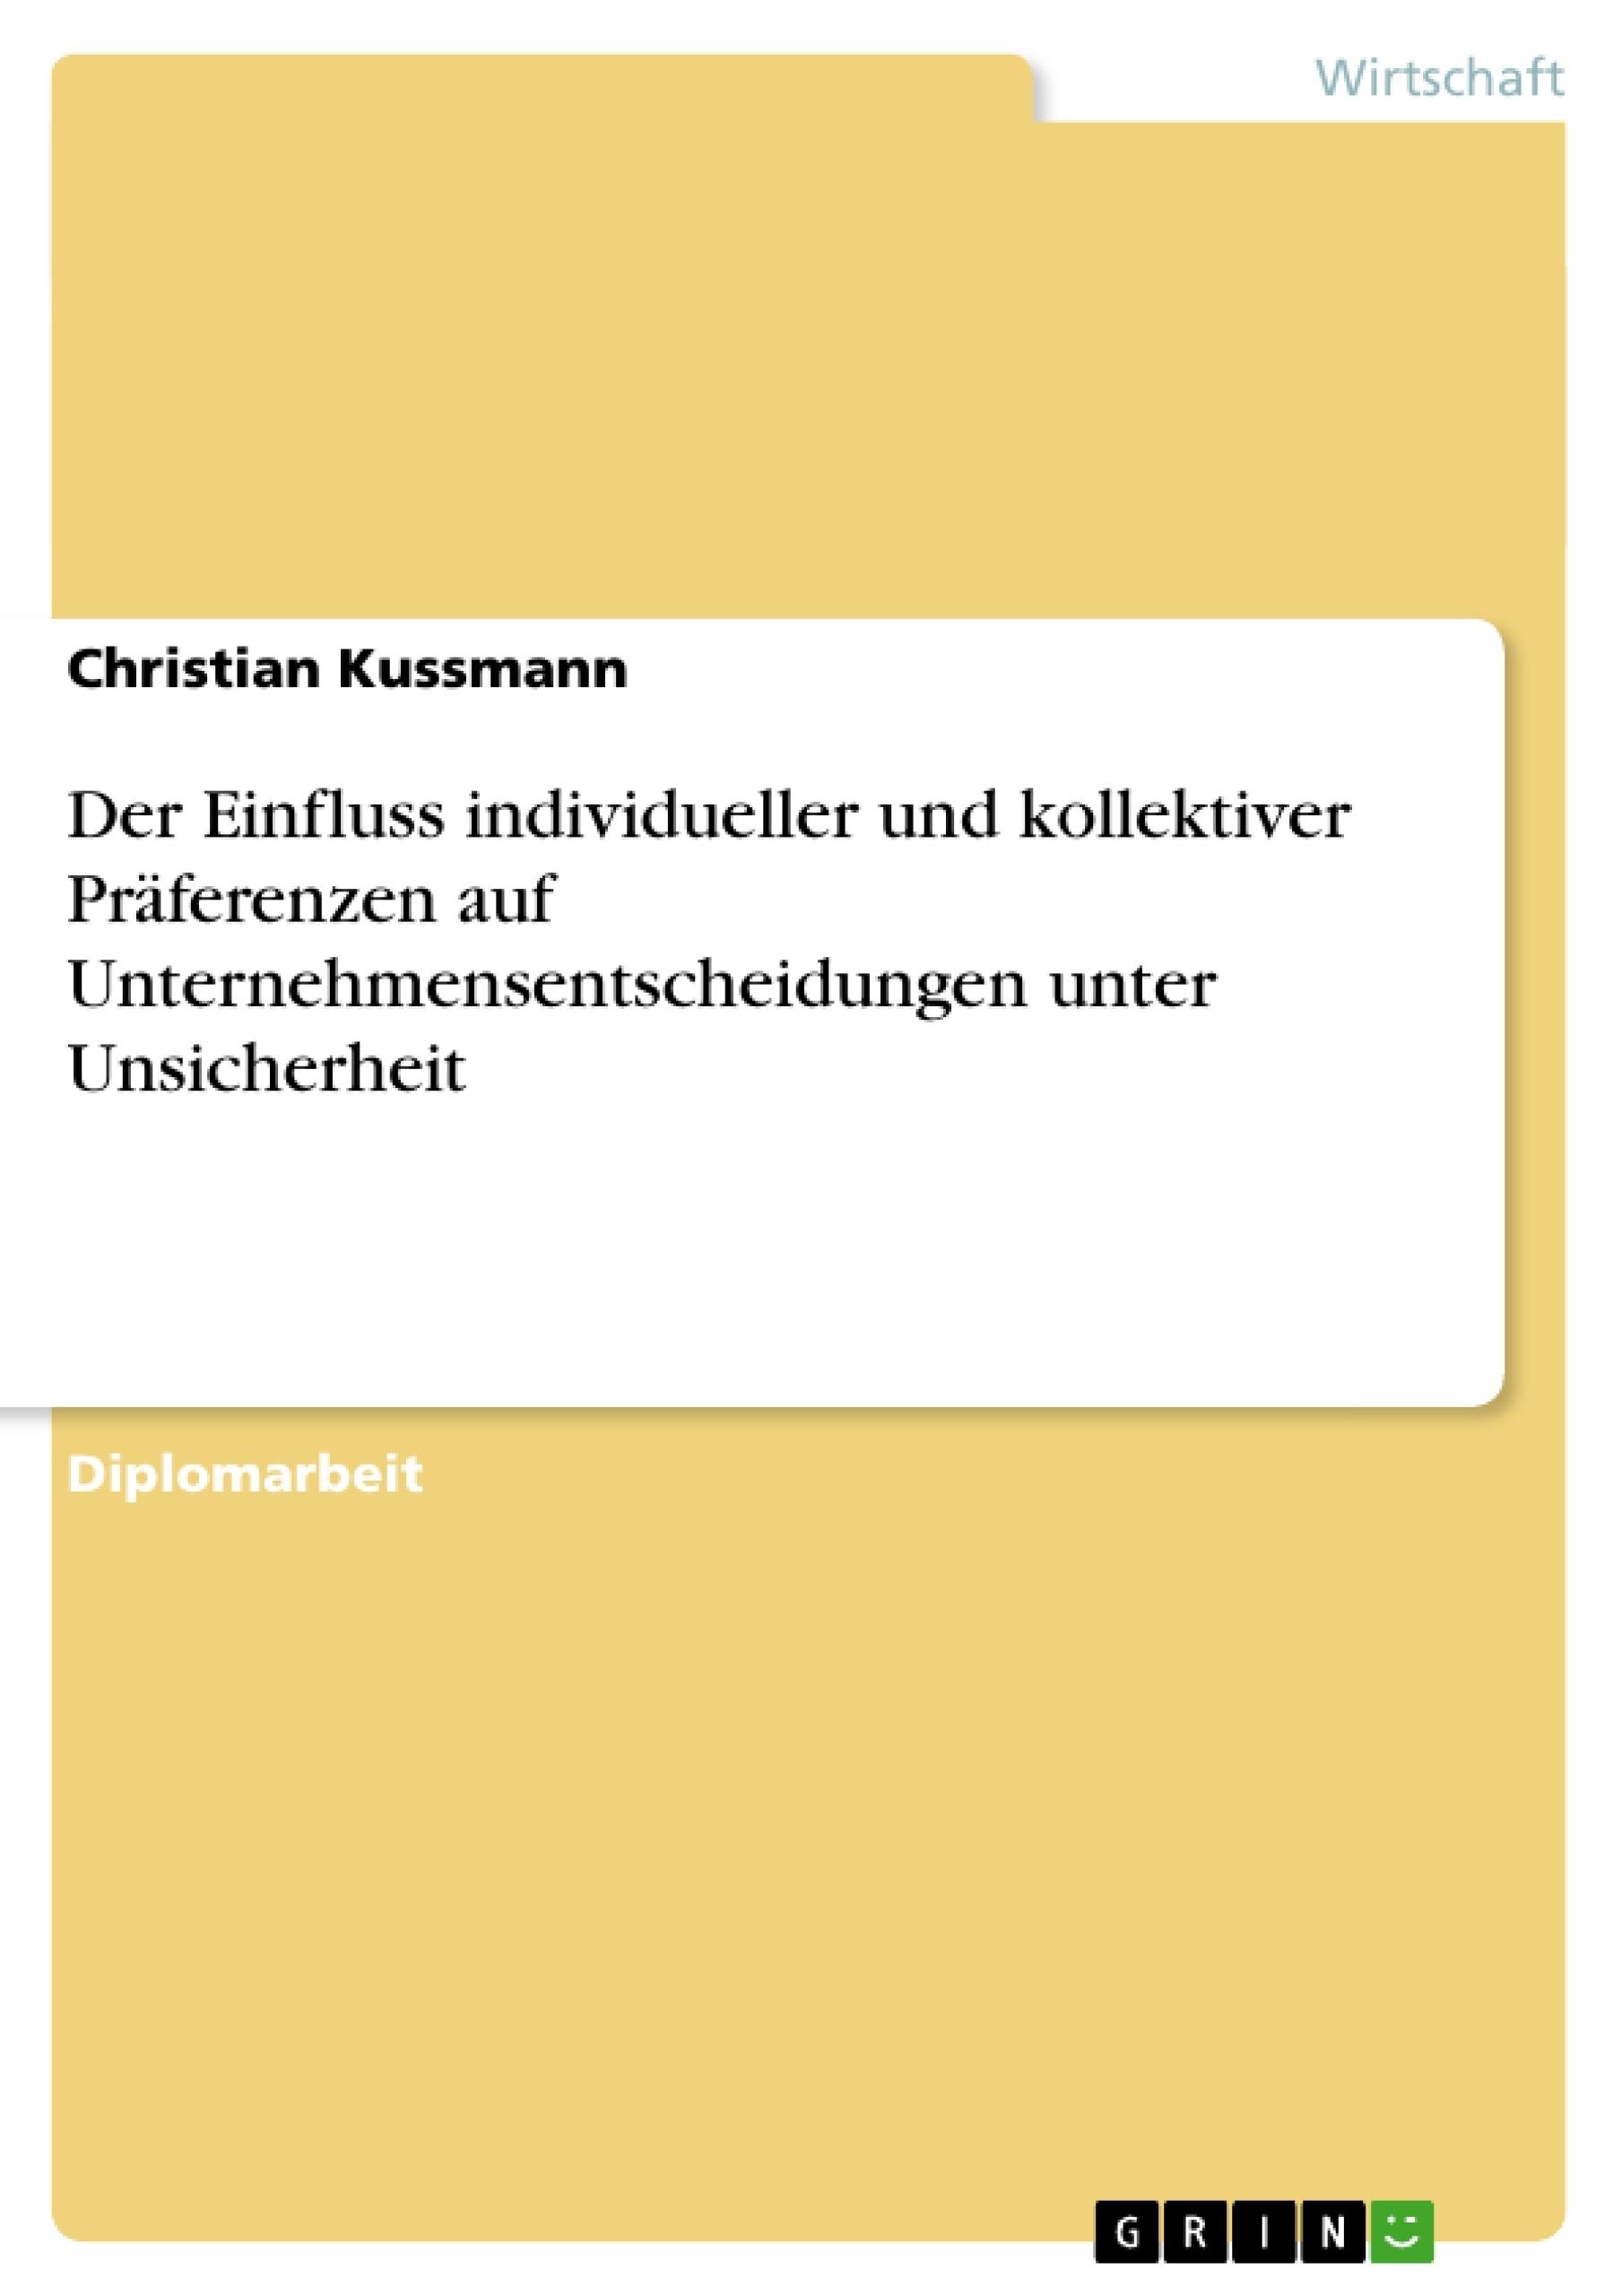 Titel: Der Einfluss individueller und kollektiver Präferenzen auf Unternehmensentscheidungen unter Unsicherheit